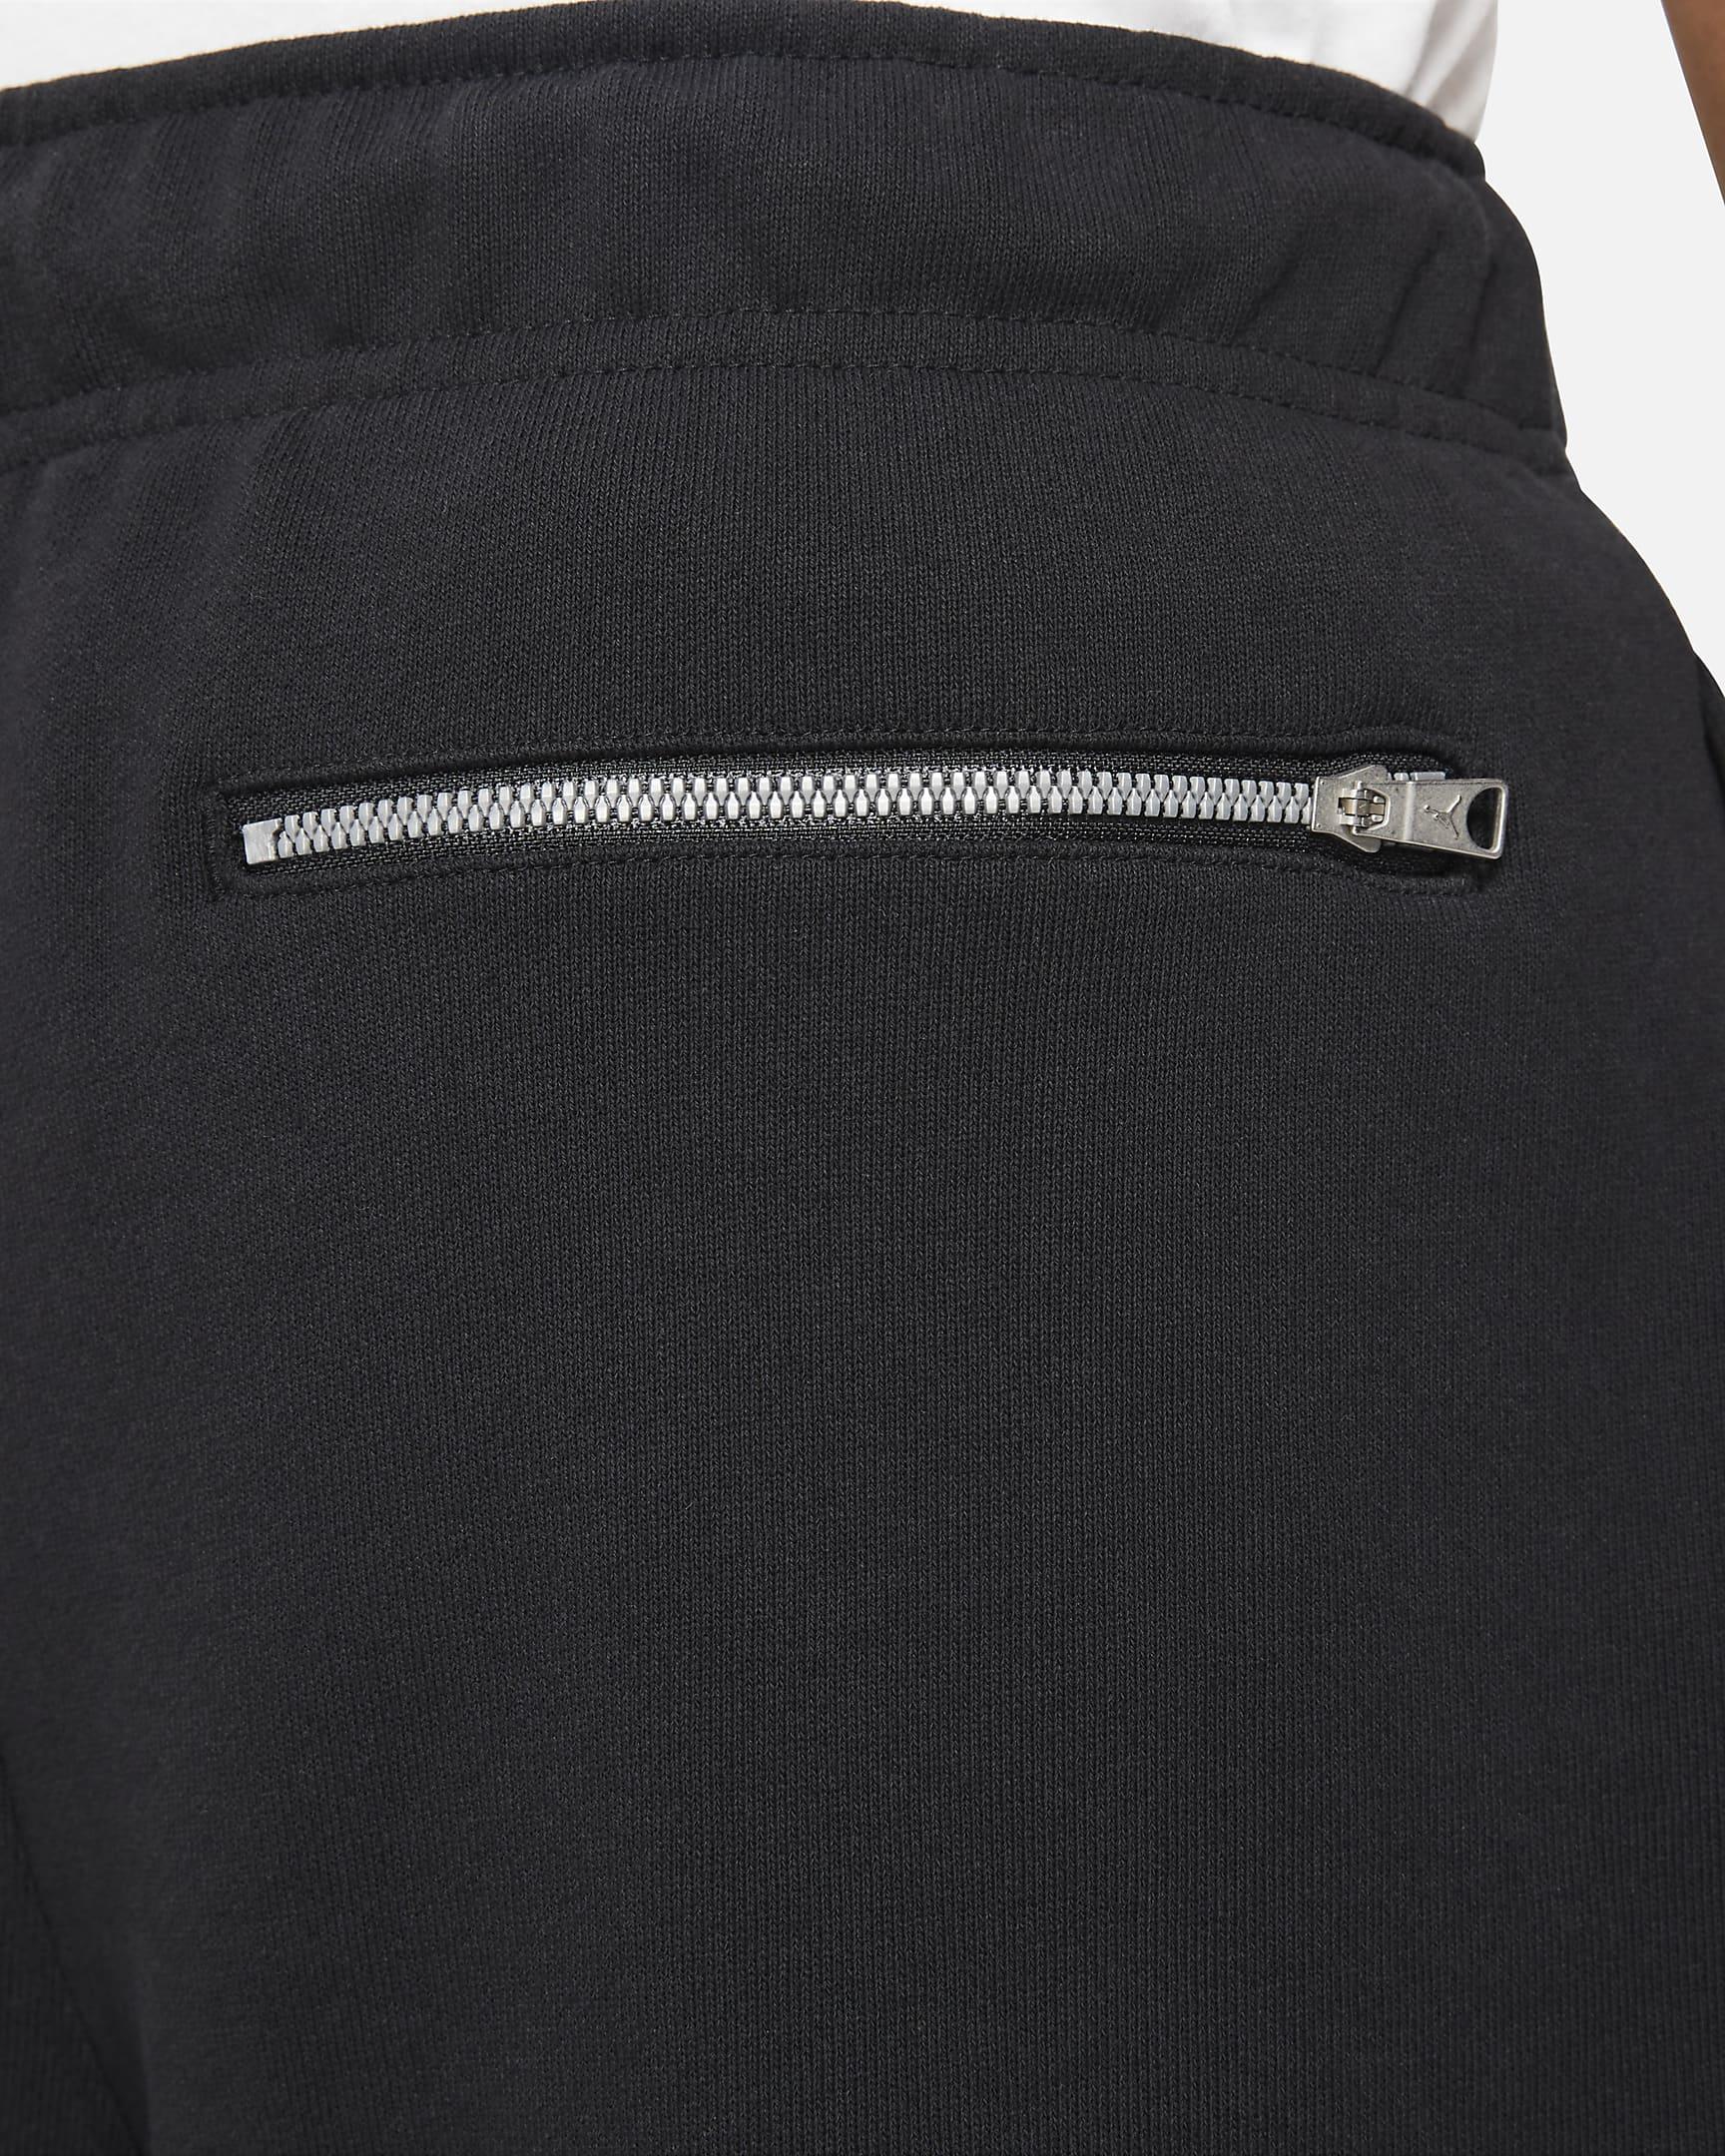 jordan-essentials-mens-fleece-shorts-4n8vC1-2.png